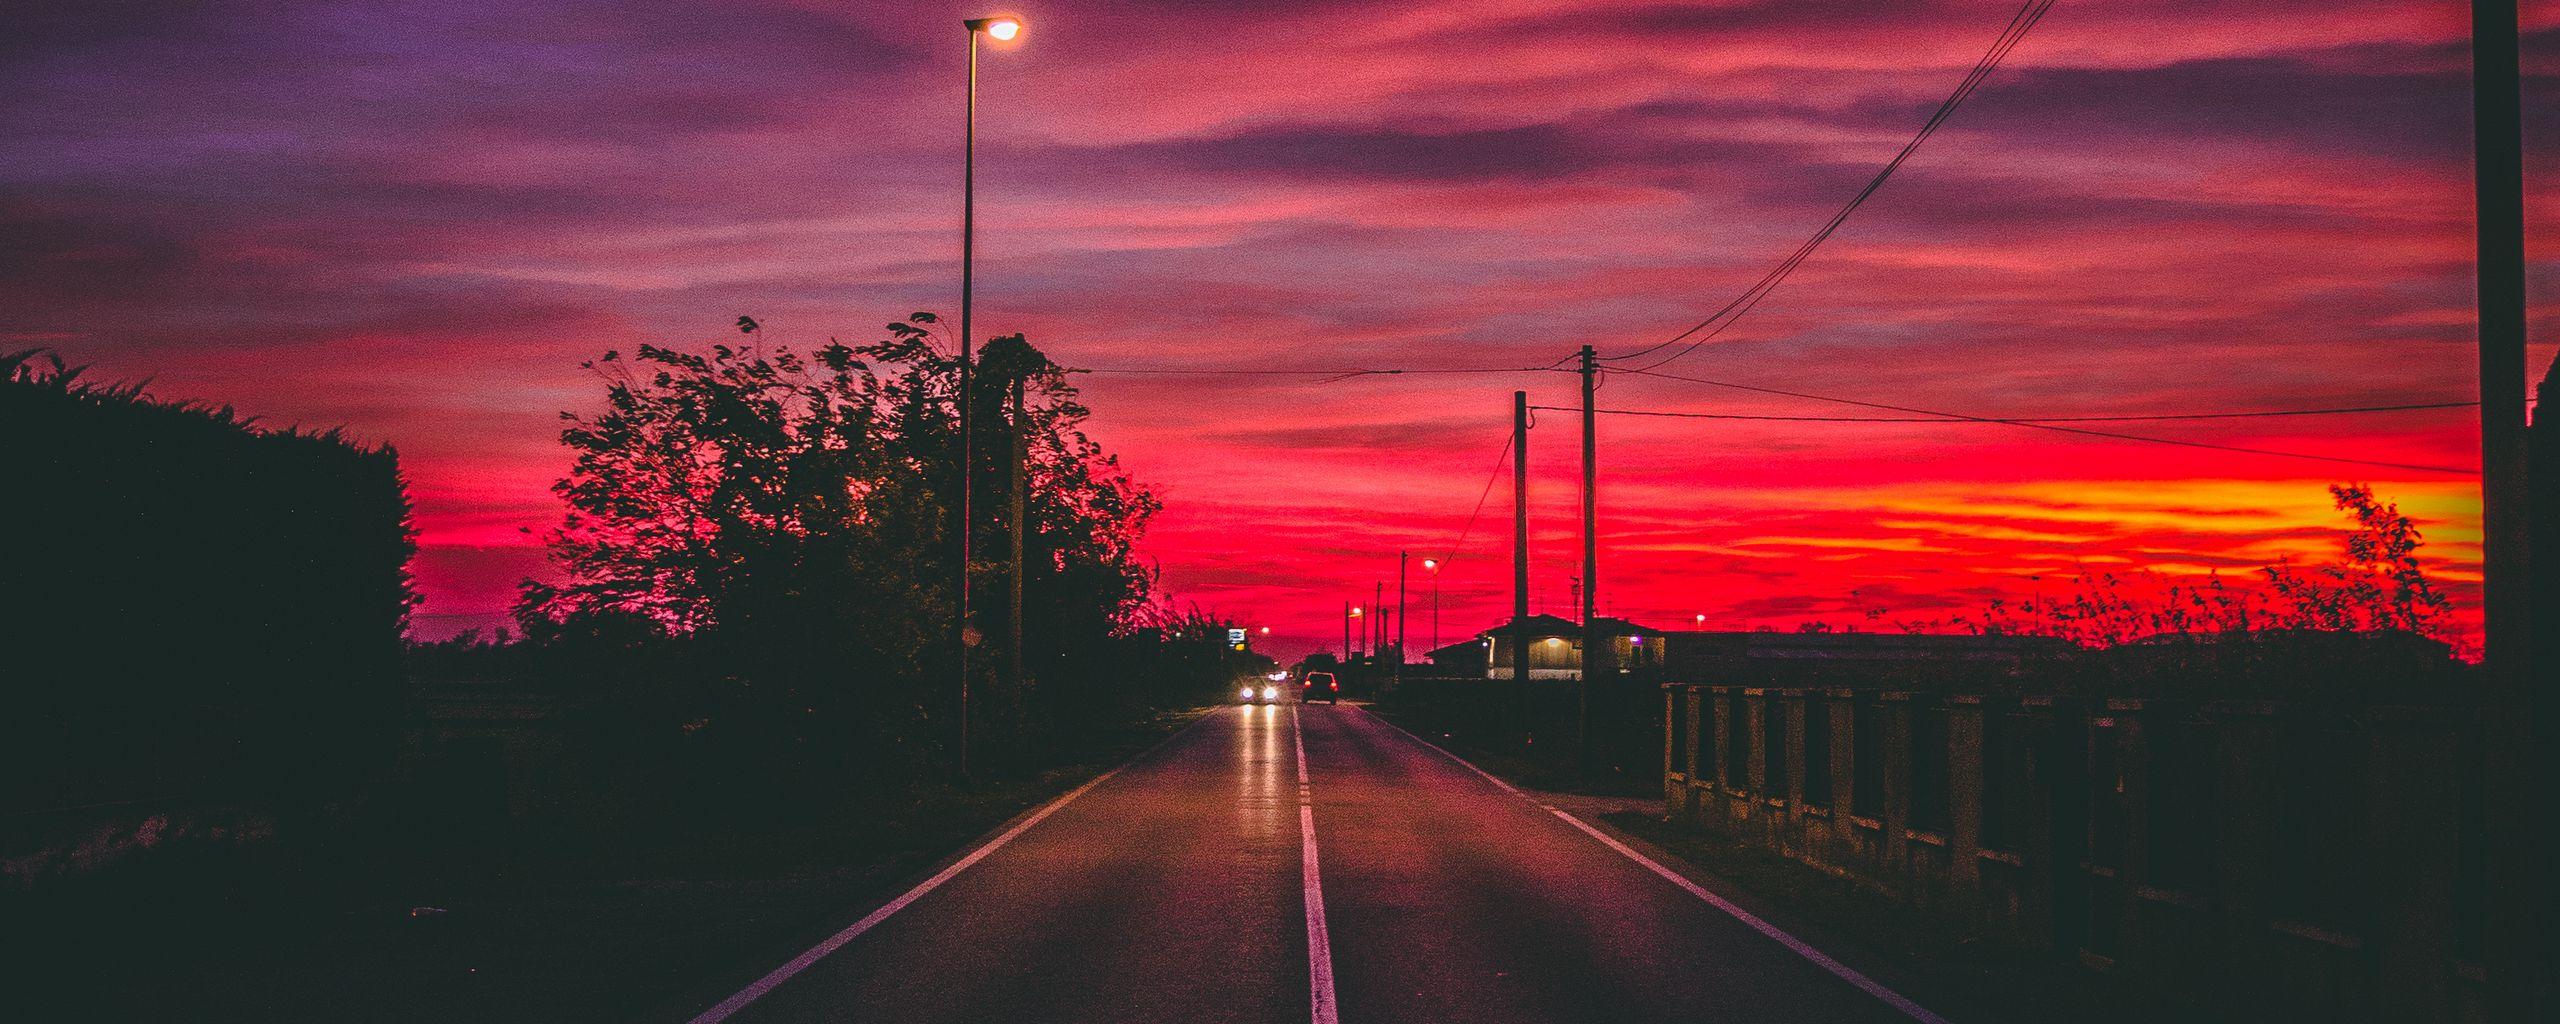 2560x1024 Wallpaper road, sunset, horizon, marking